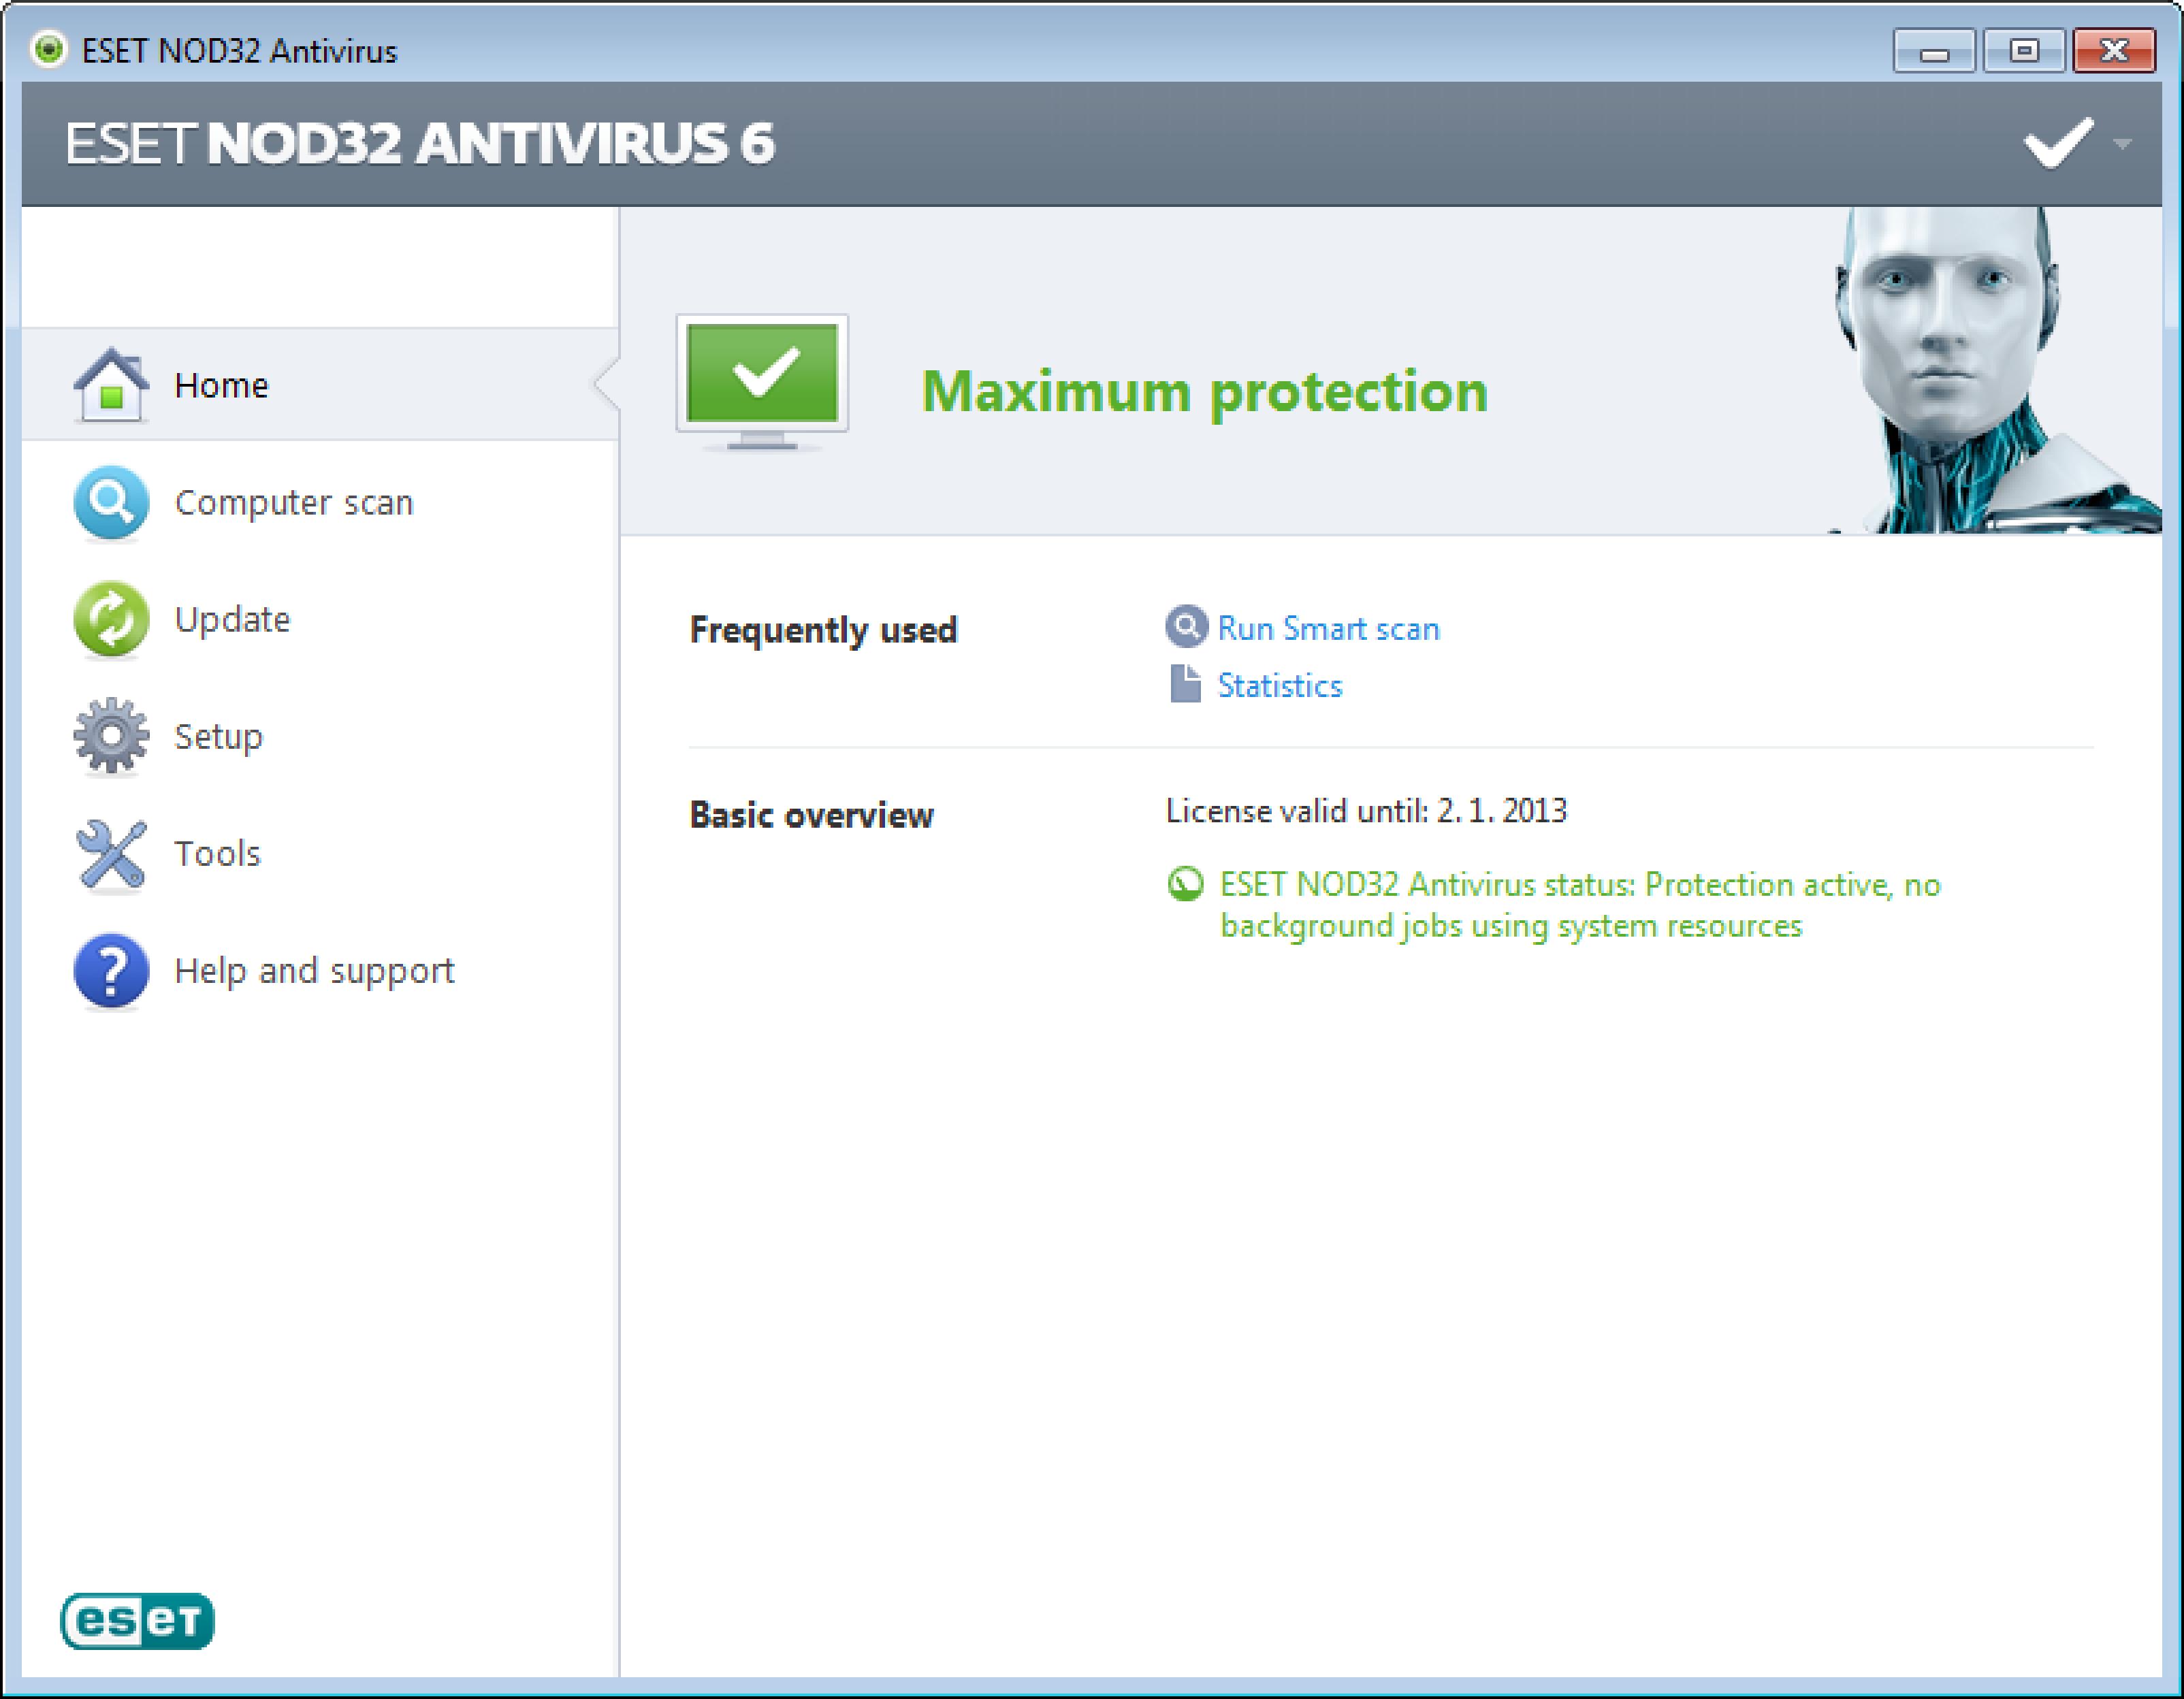 ESD NOD 32 Antivirus